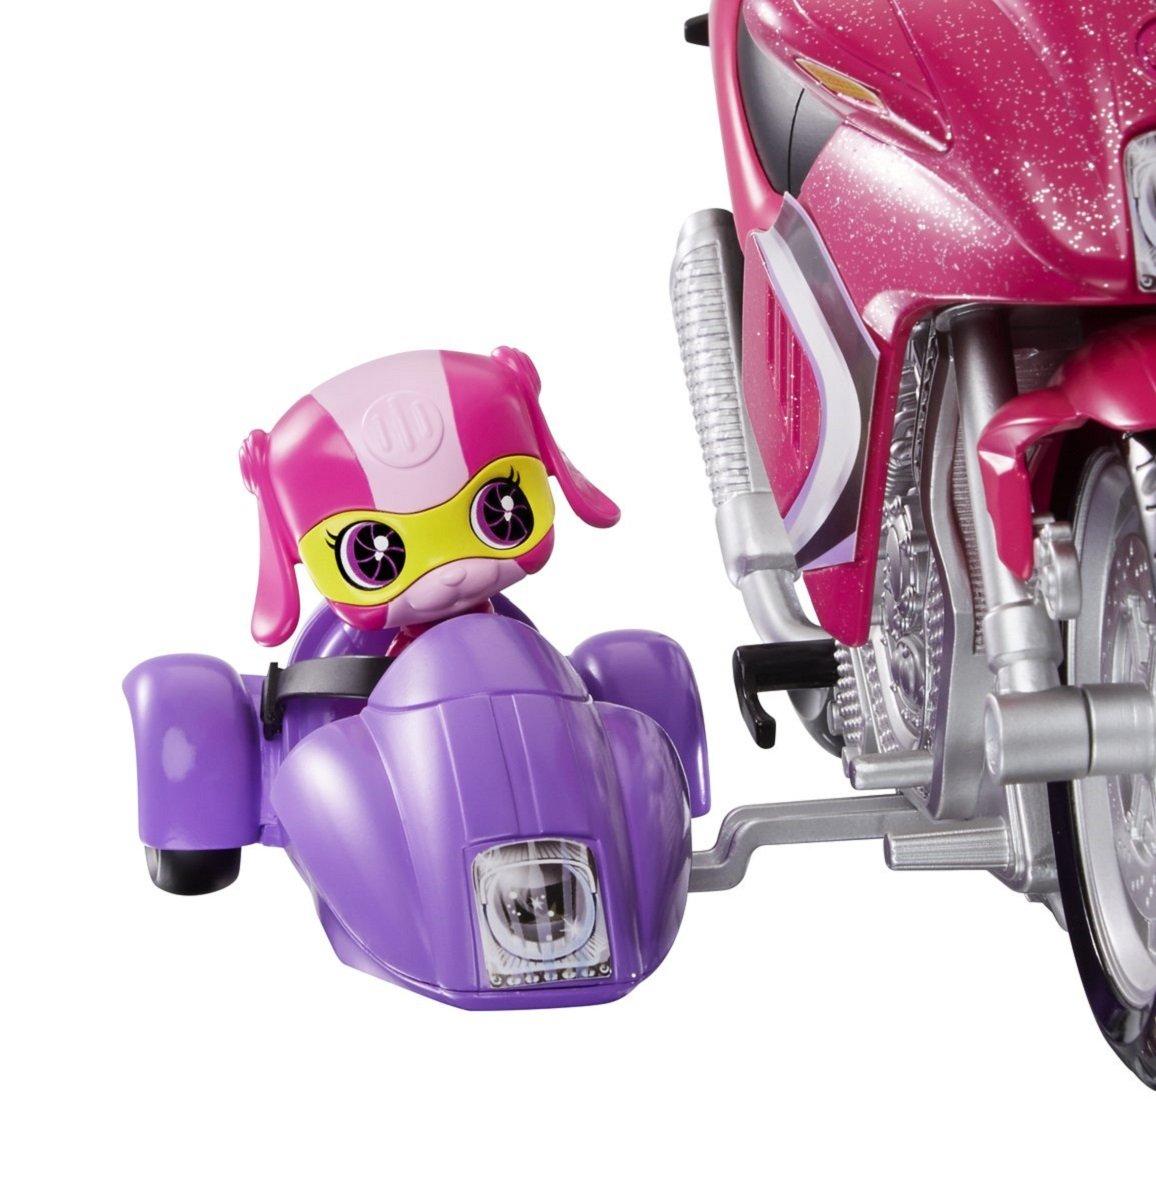 Buy Barbie Pet Now!